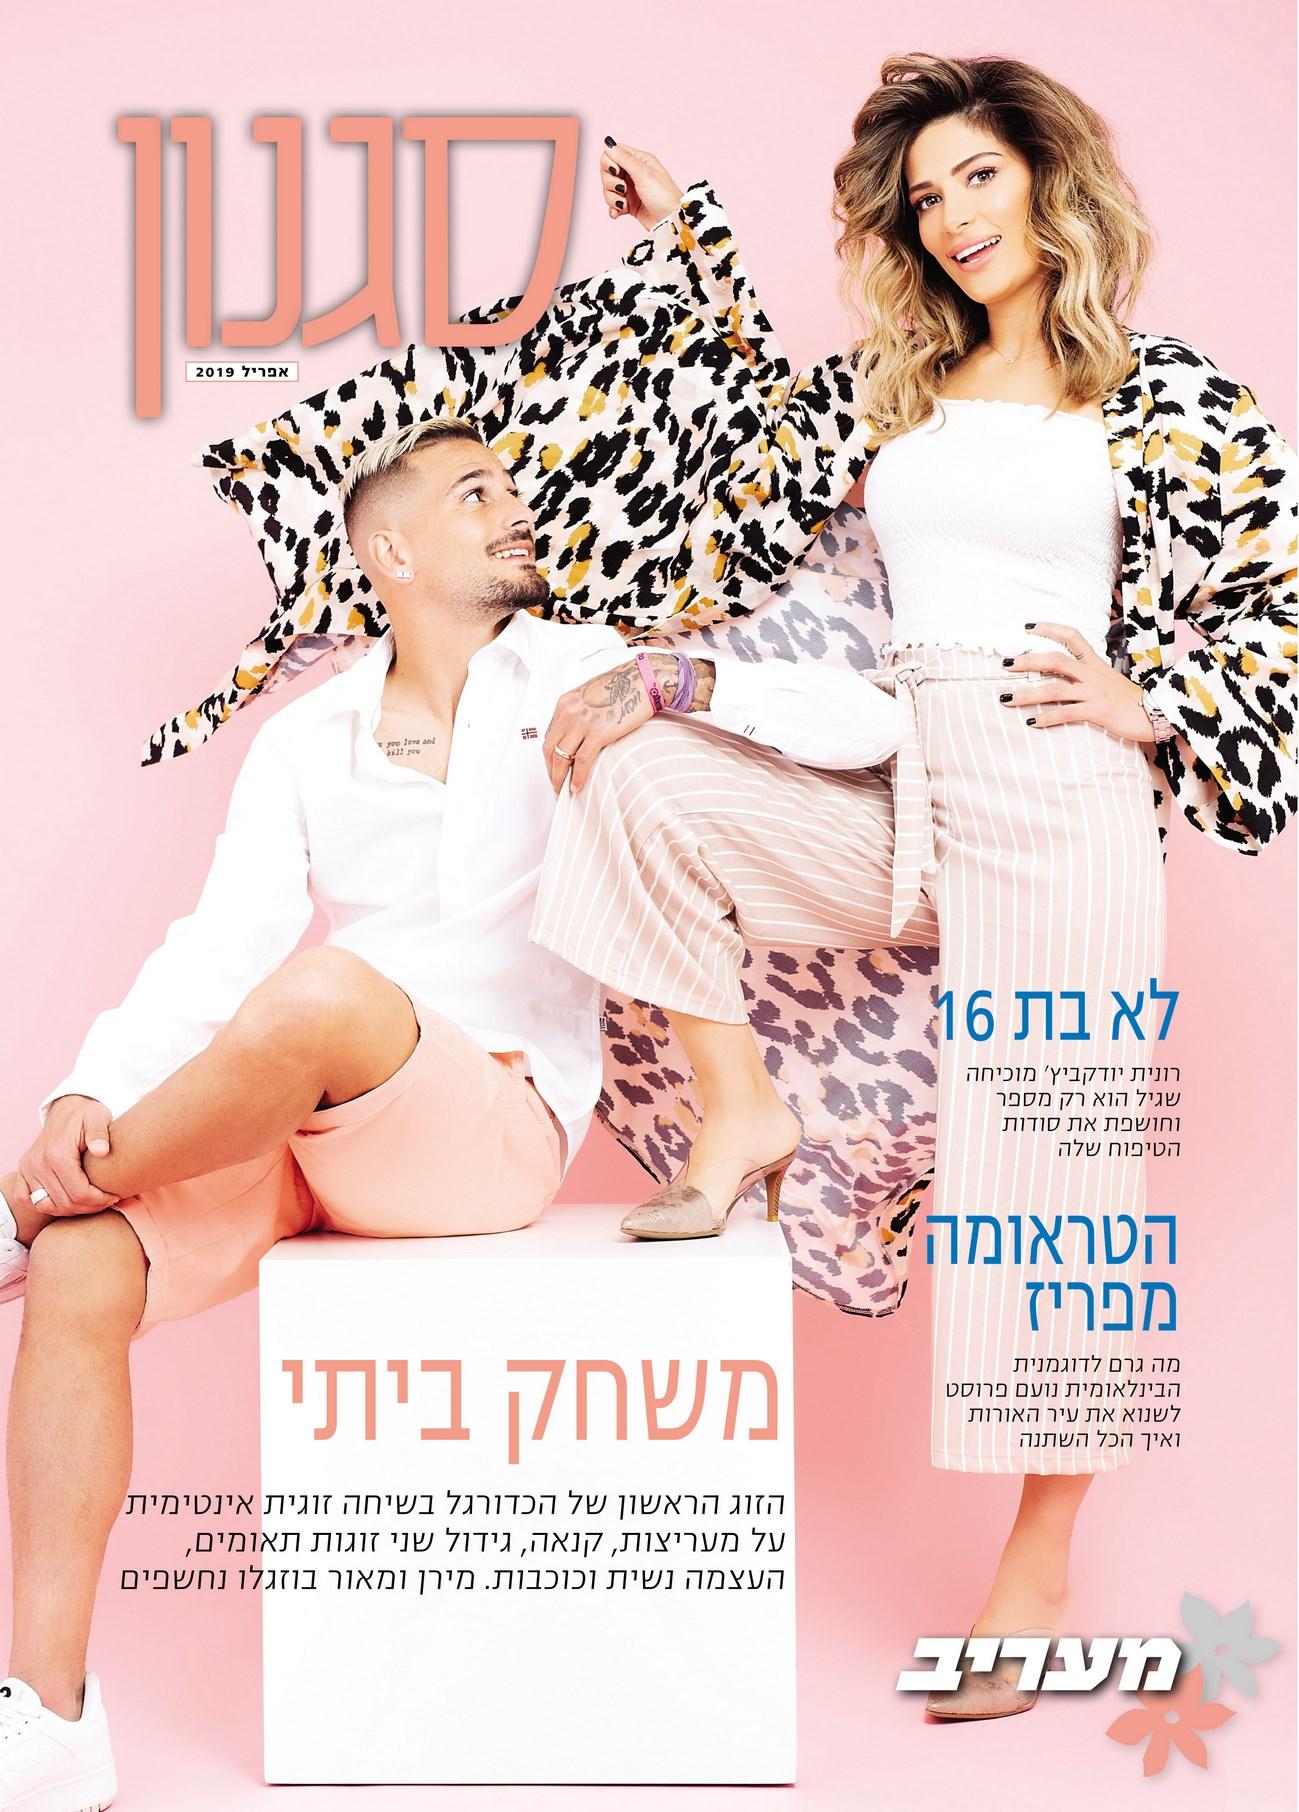 מירן ומאור בוזגלו סטיילינג גאלה רחמילביץ למגזין סגנון (Copy).jpg